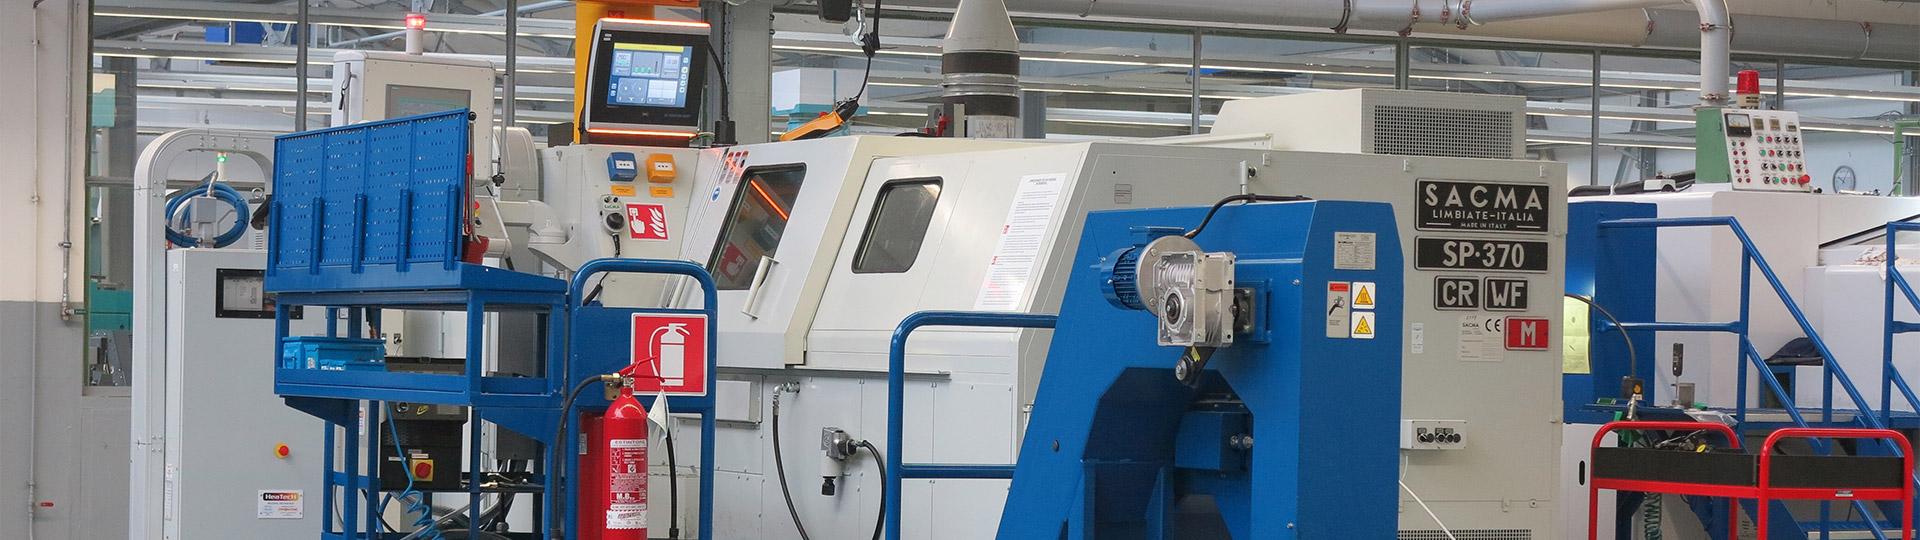 thiel-sacma-presse-SP370WF80